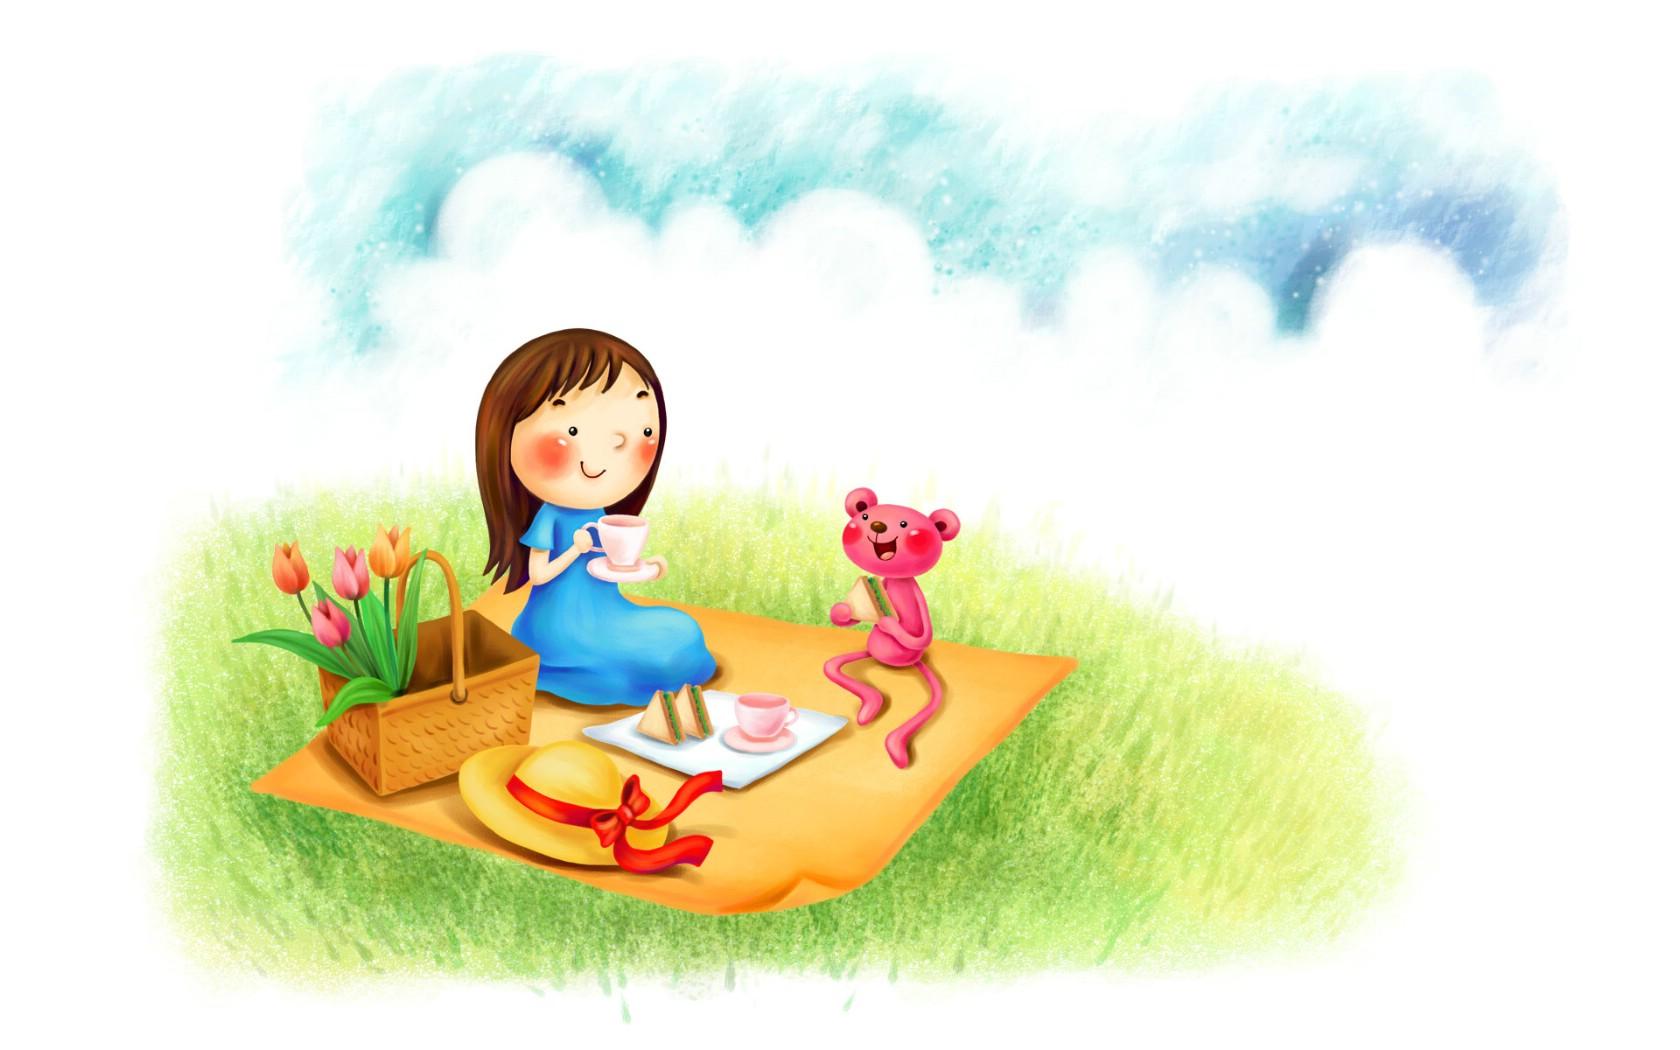 壁纸1680×1050卡通儿童摄影壁纸下载壁纸,卡通儿童